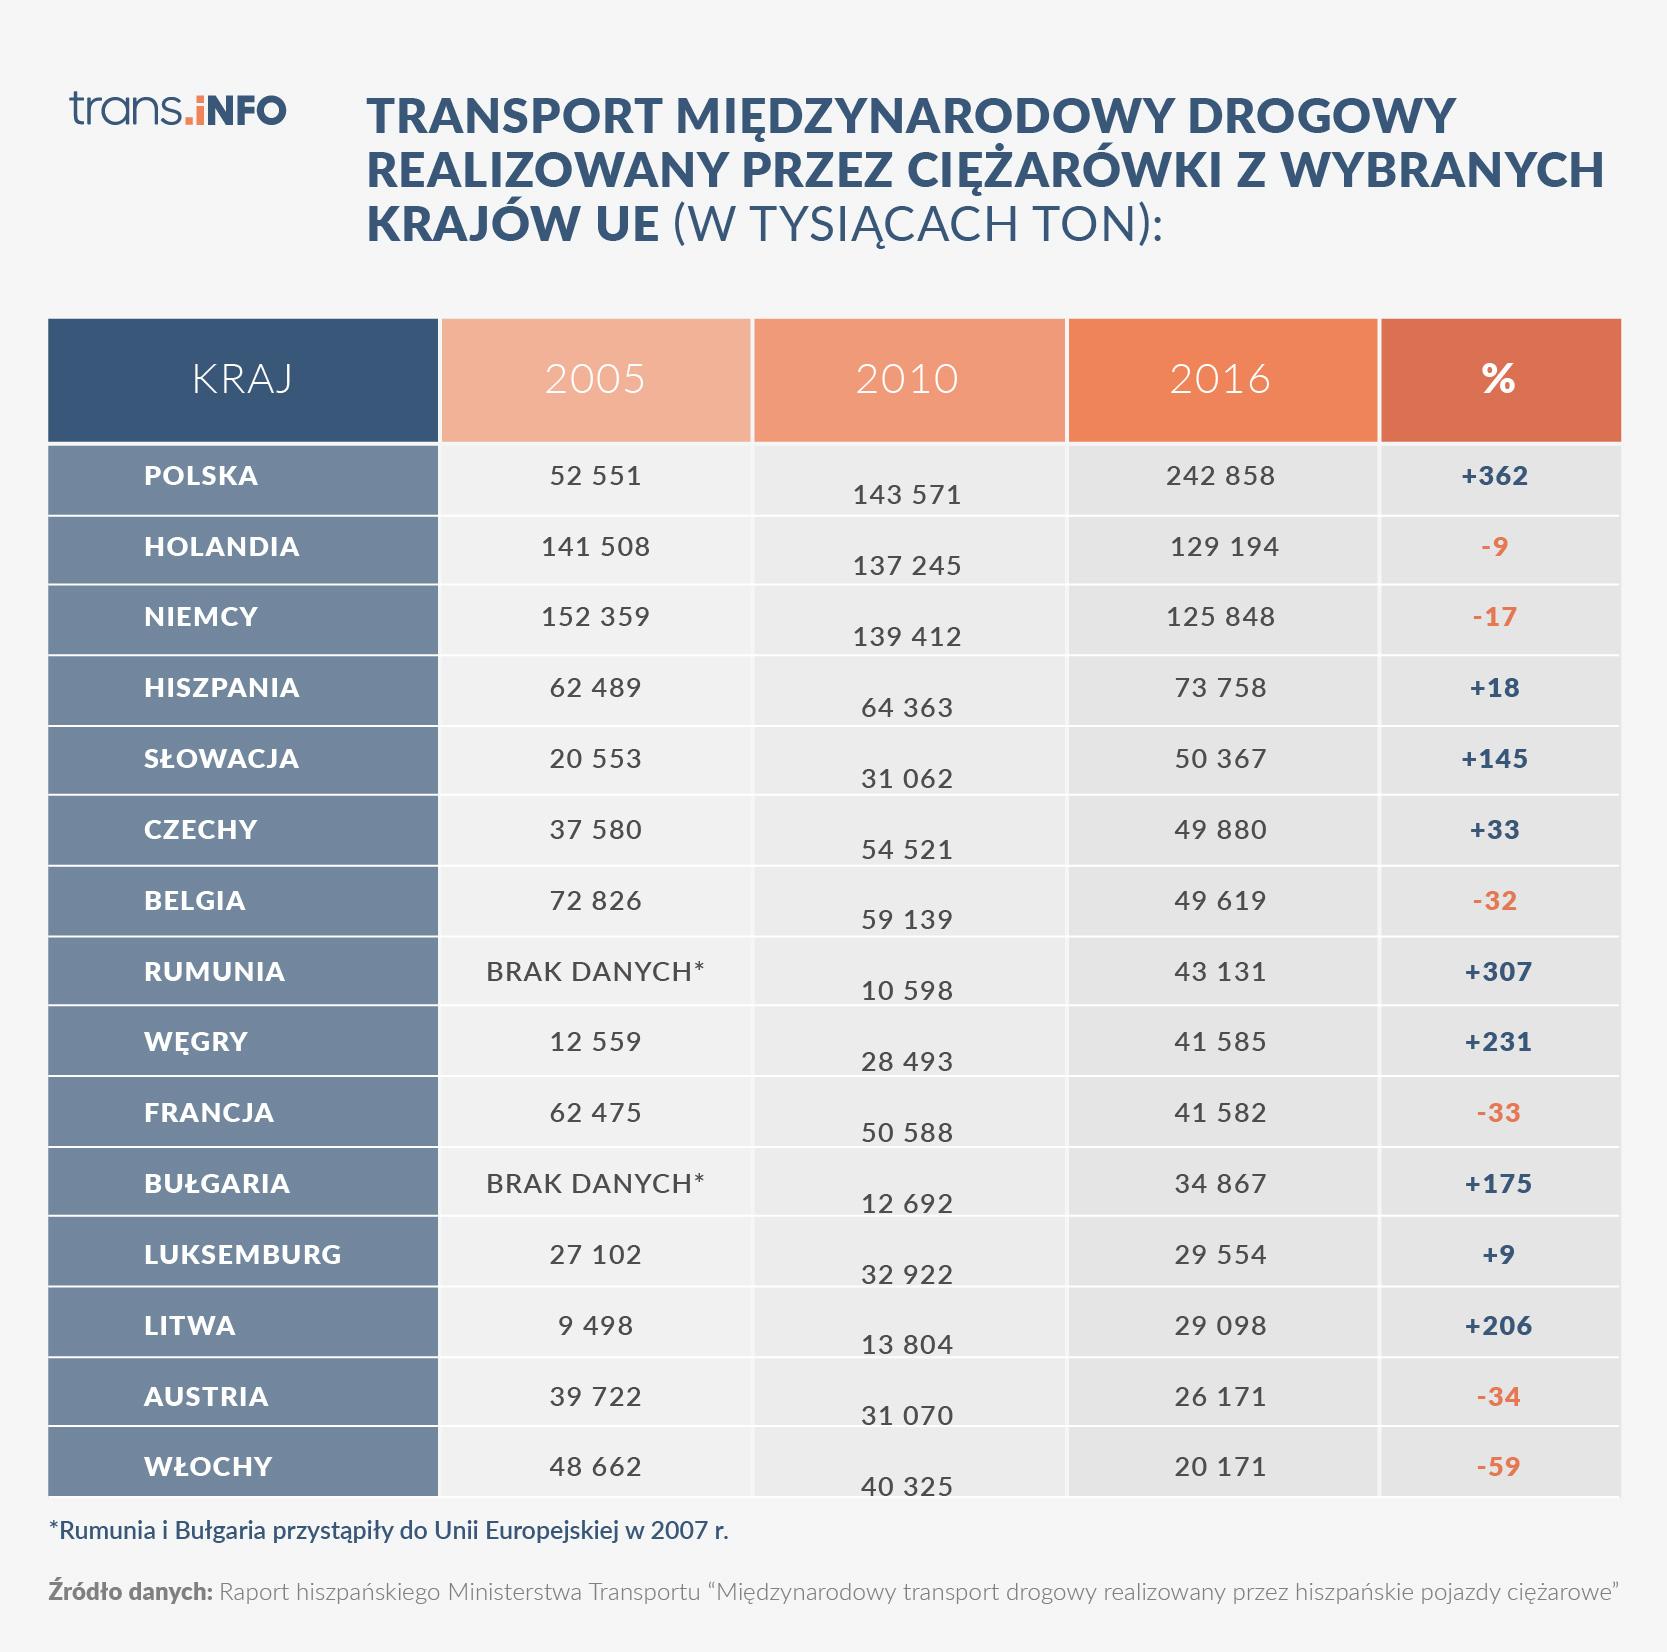 Dyrektywa o delegowaniu przegłosowania. Ta tabela wyjaśnia dlaczego Europie Zachodniej tak zależy na utrudnieniu funkcjonowania wschodnim przewoźnikom.